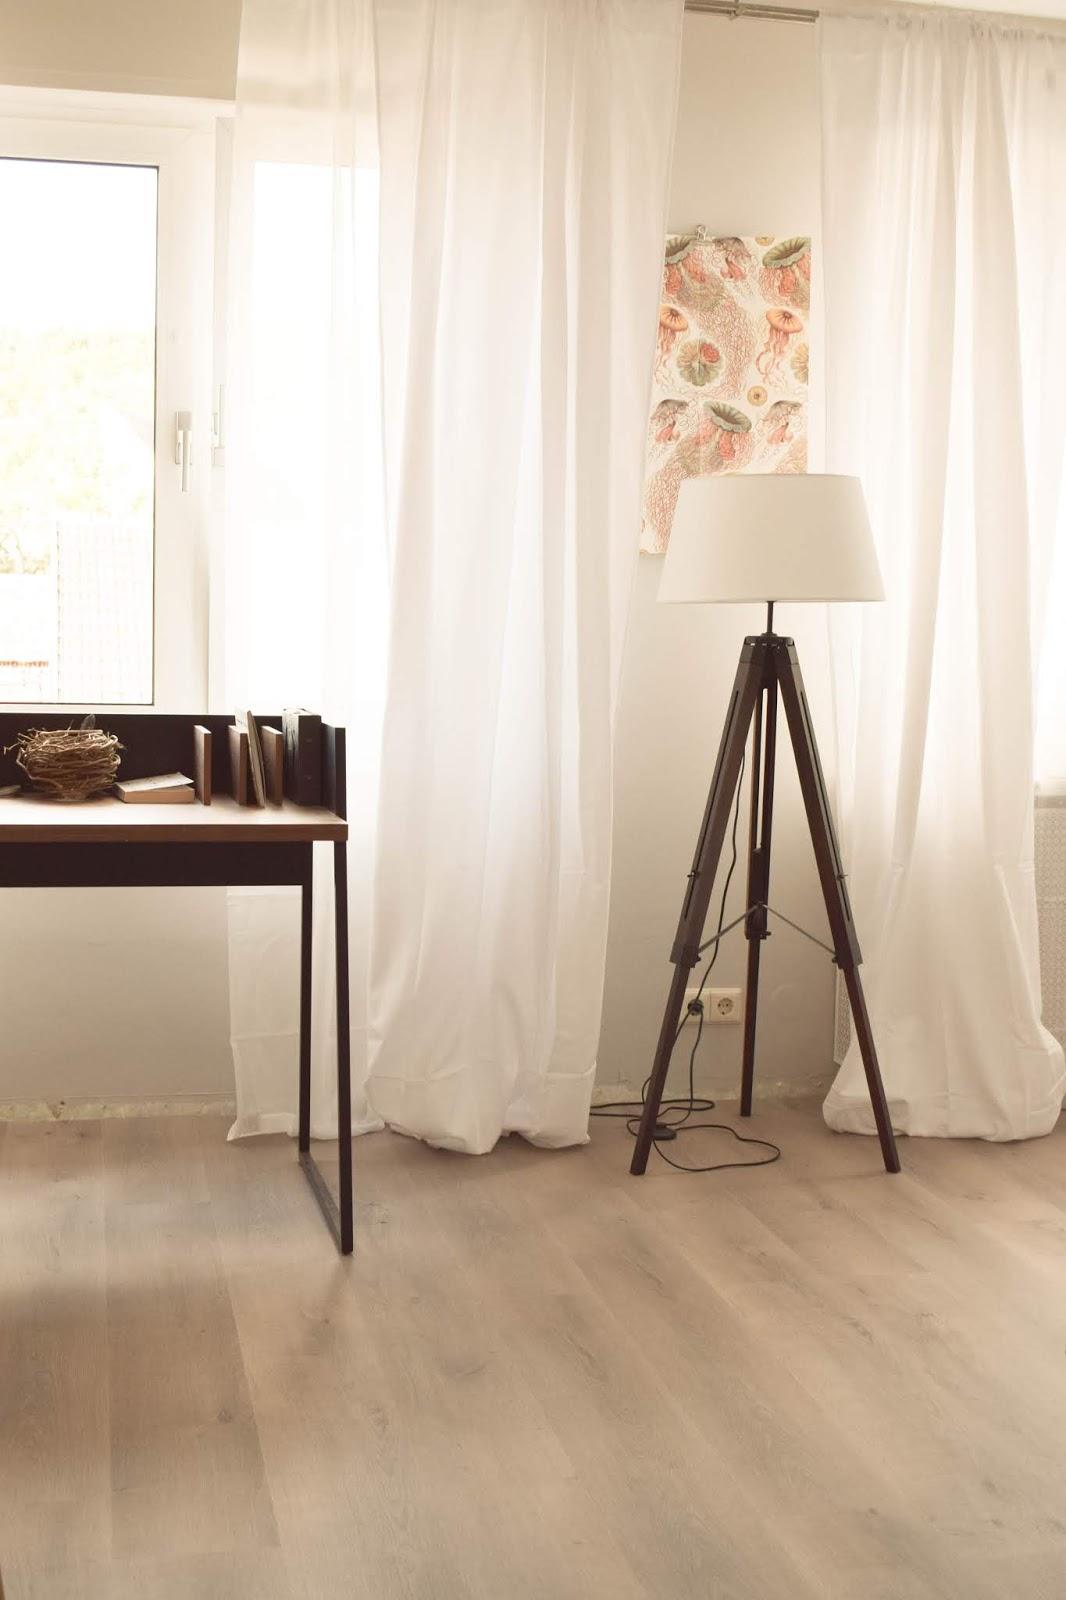 Interior Einrichtung Vorhang Schlafzimmer blickdicht Schreibtisch filigran Stehlampe Deko Dekoidee